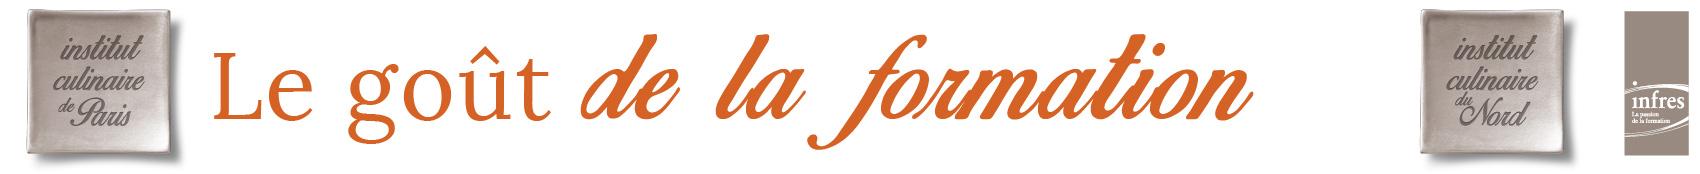 Institut Culinaire de Paris Retina Logo